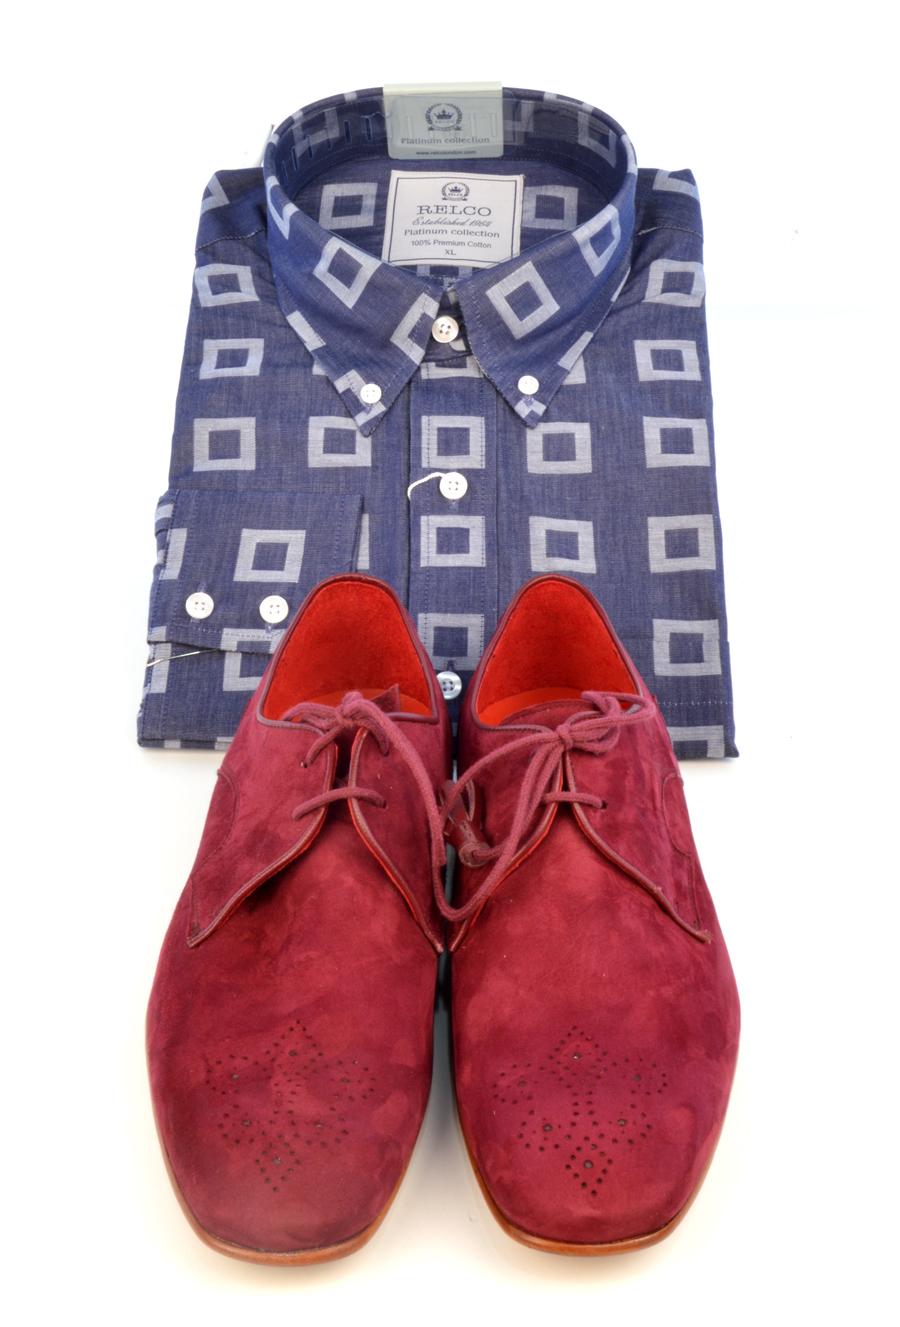 modshoes-blue-shirt-with-jw-wine-coloured-brogue-shoes